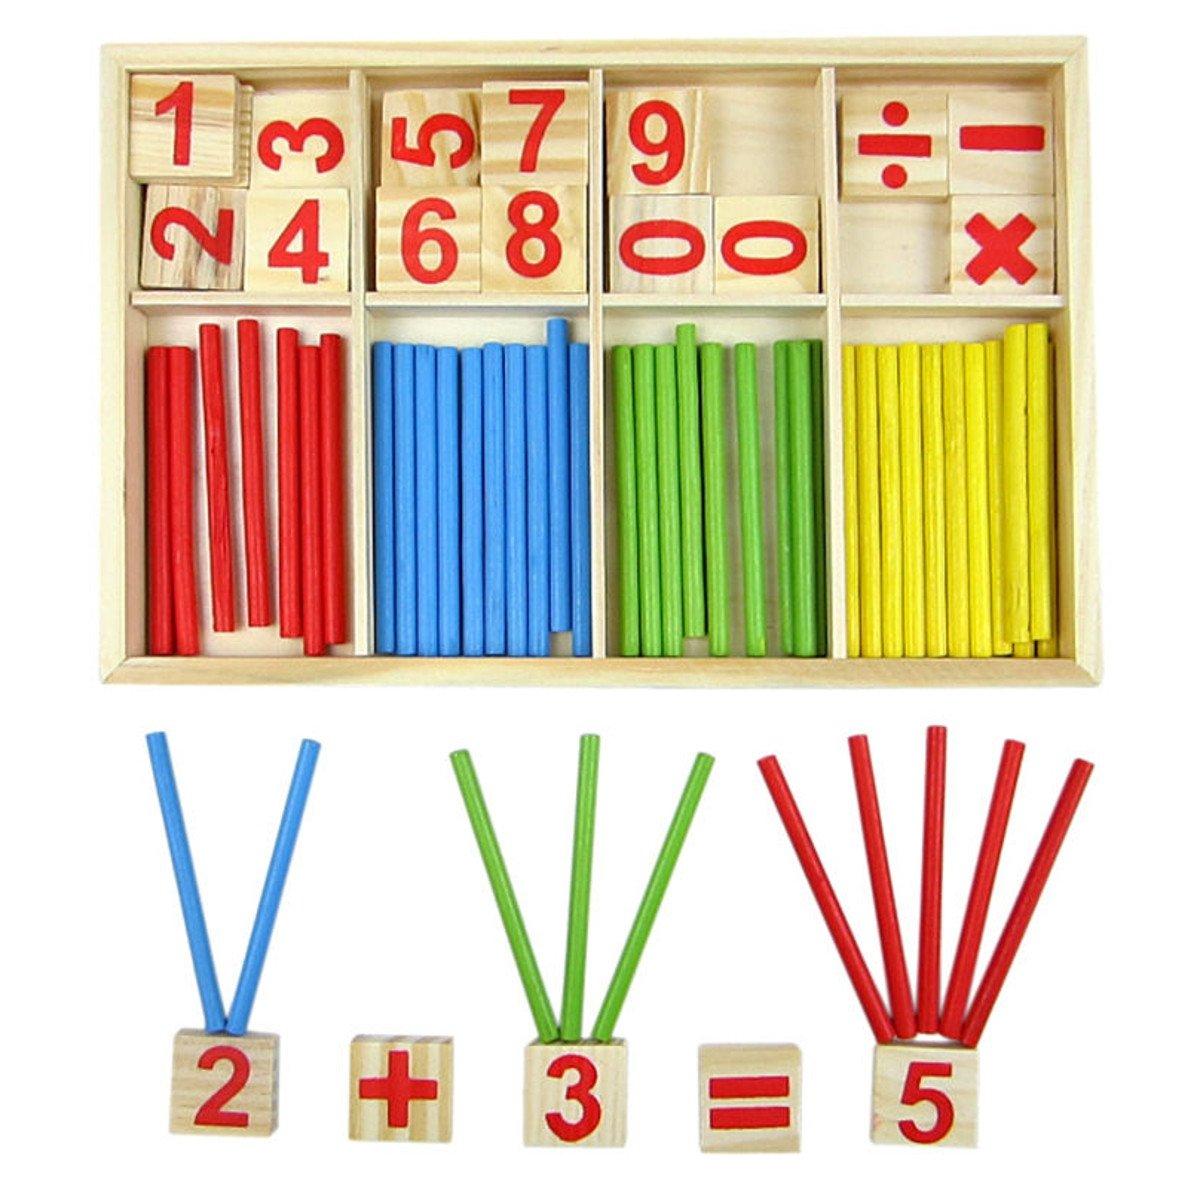 [Free Shipping] Kids Children Wooden Numbers Mathematics Early Learning Counting Educational Toy // Enfants de gosses mathématiques de nombres de bois en apprenant tôt le compte du jouet éducatif